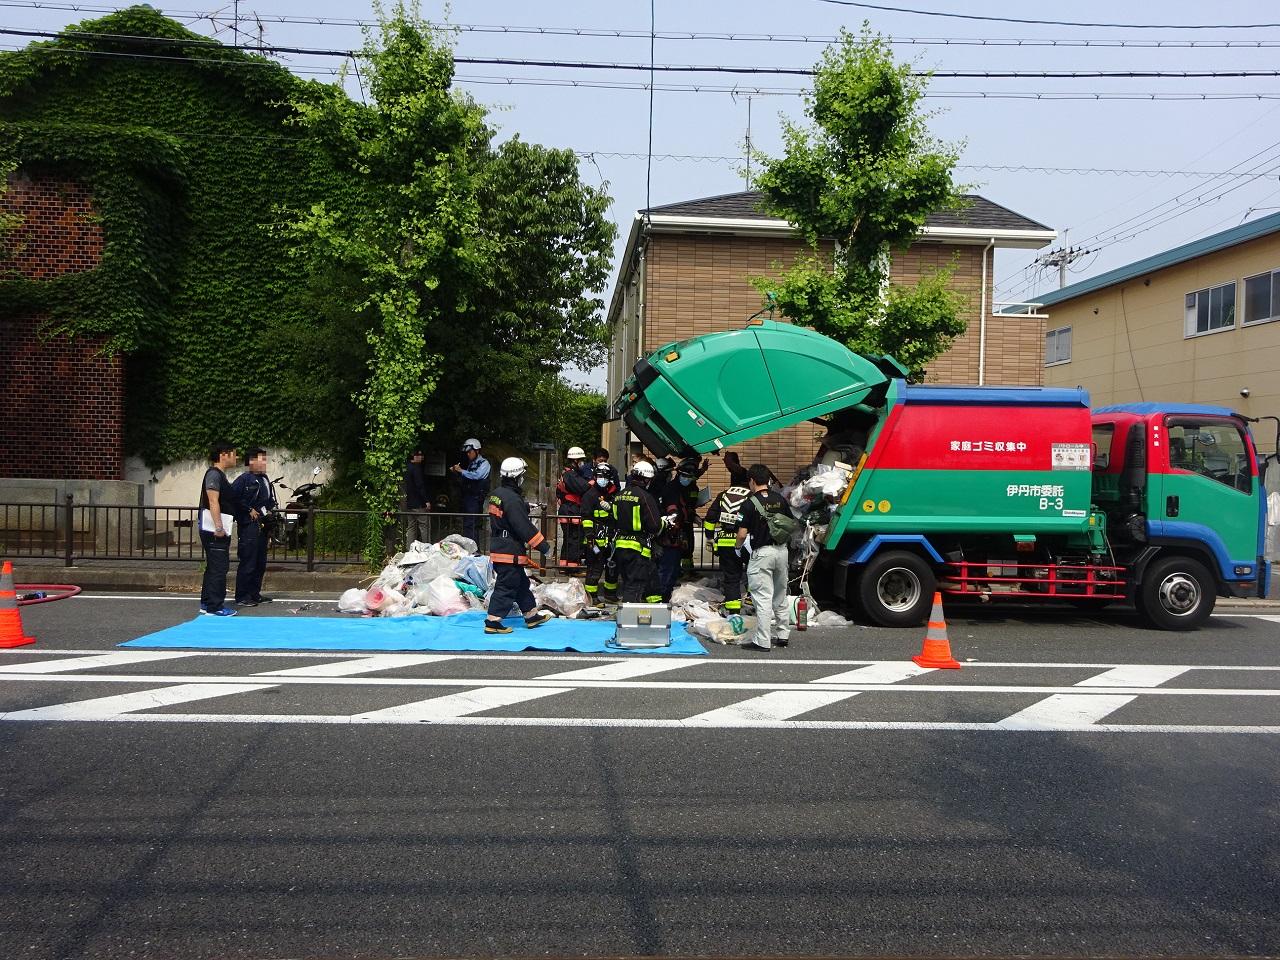 ゴミ収集車と警察と消防